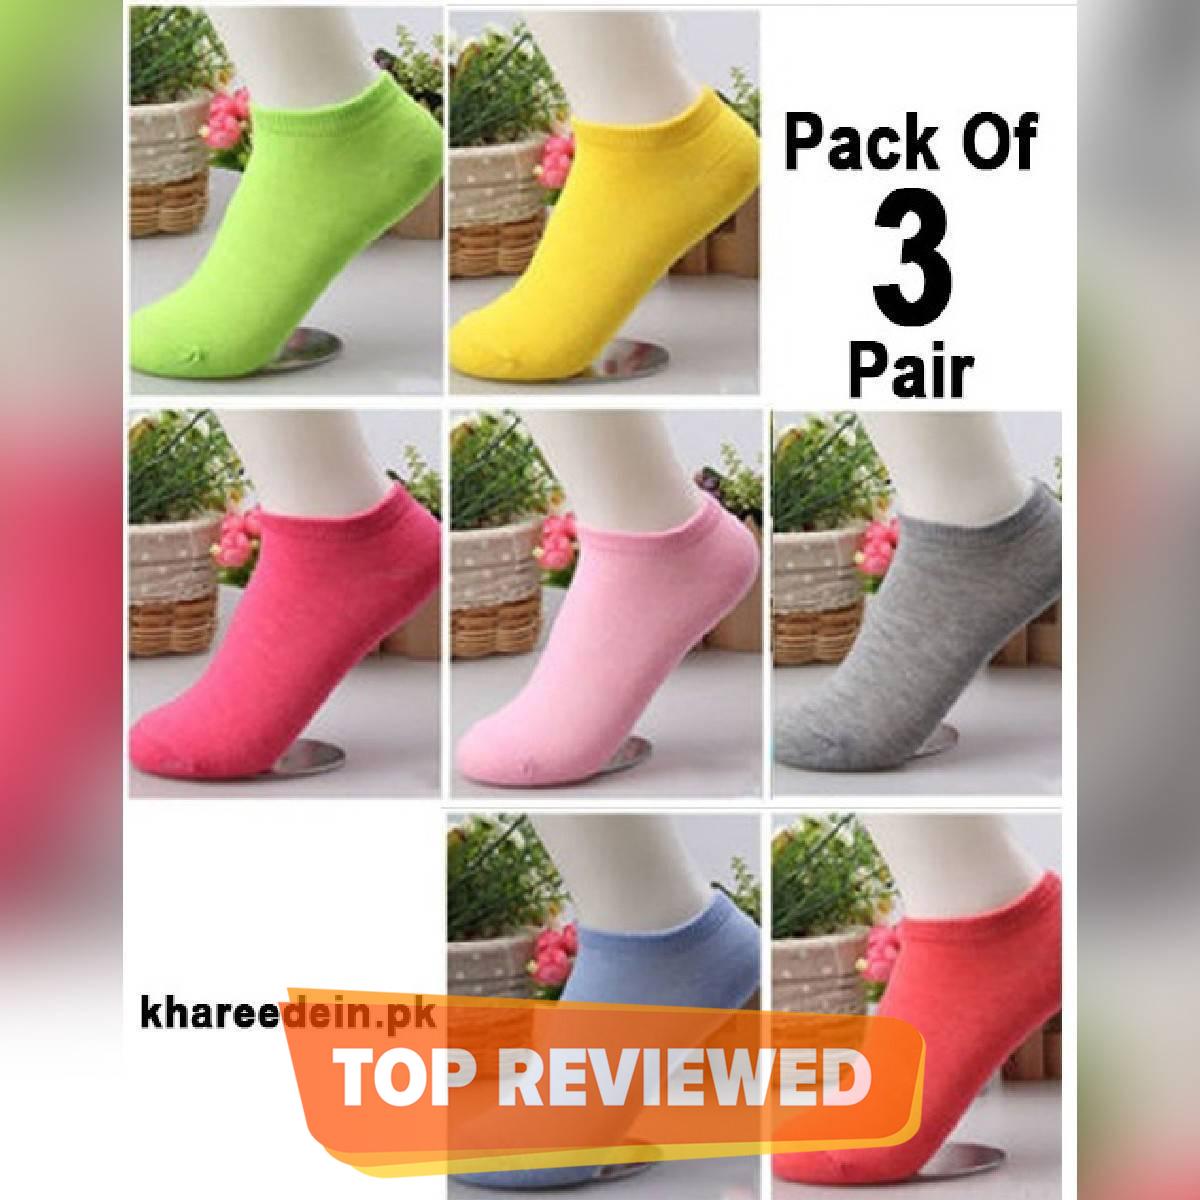 Pack Of 3 - Ankle Socks For Girls